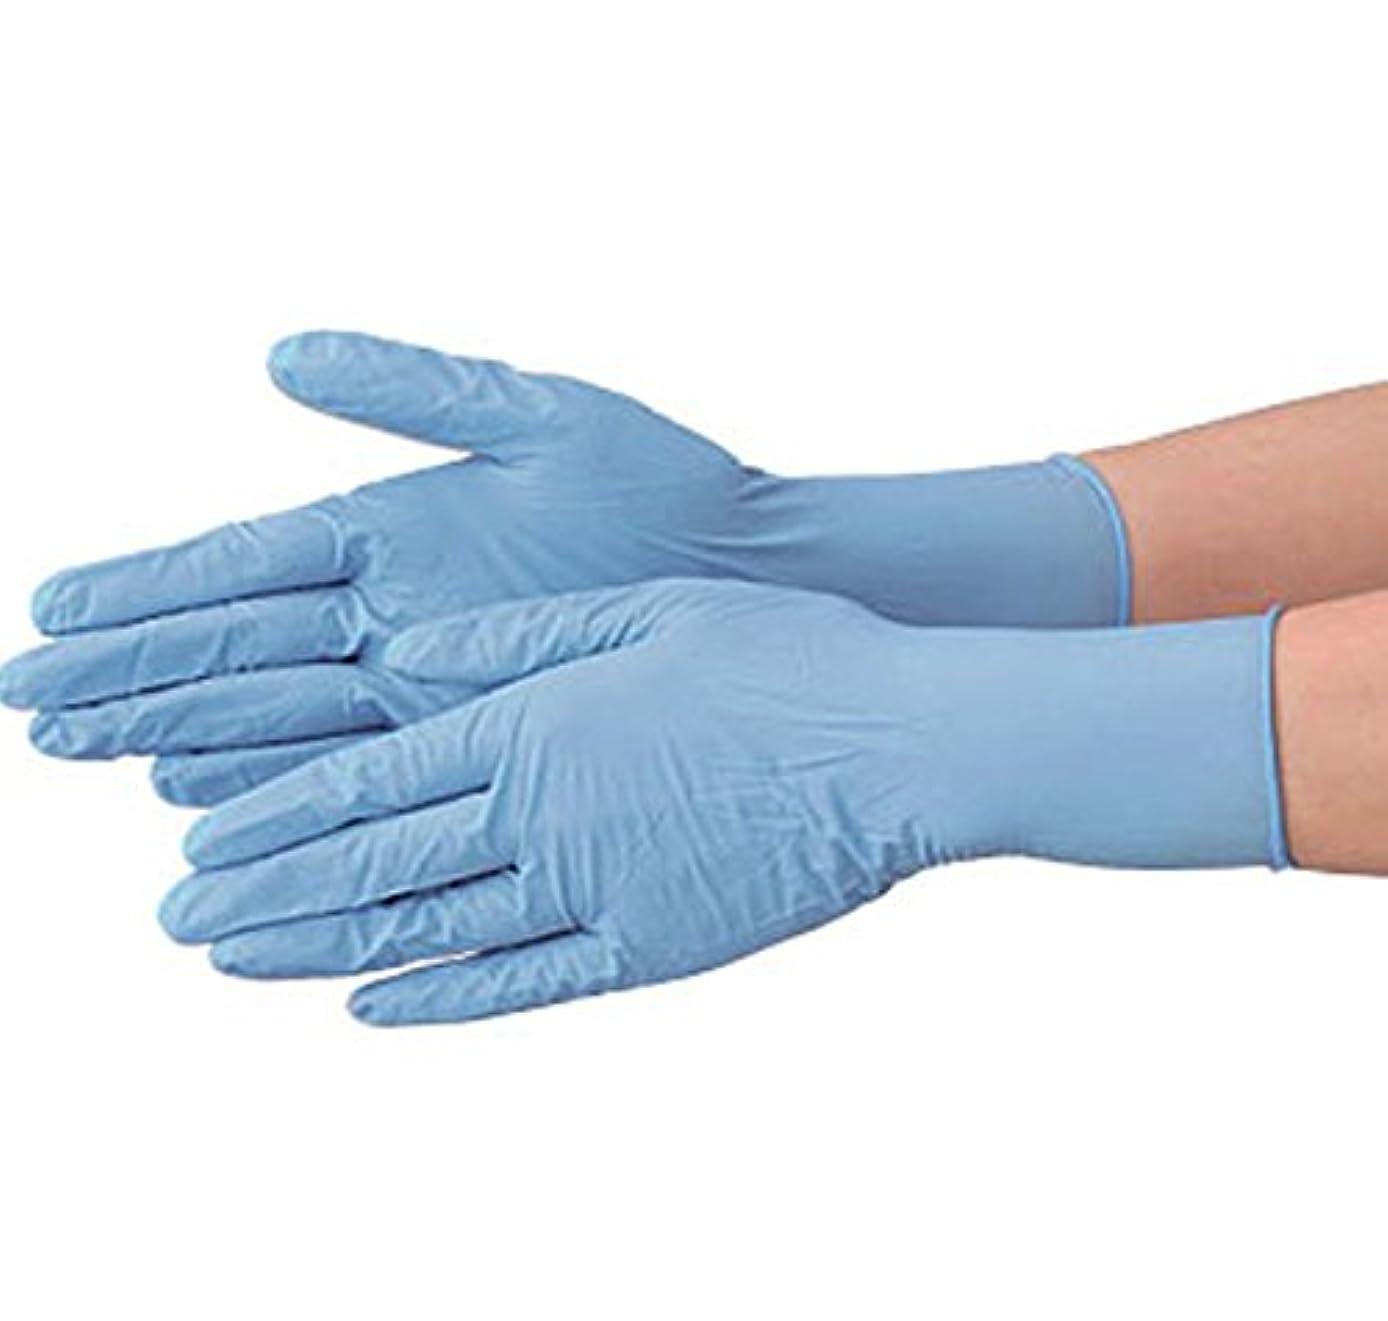 優越花に水をやるお客様使い捨て 手袋 エブノ 520 ニトリル 極薄手袋 パウダーフリー ブルー Sサイズ 2ケース(100枚×40箱)